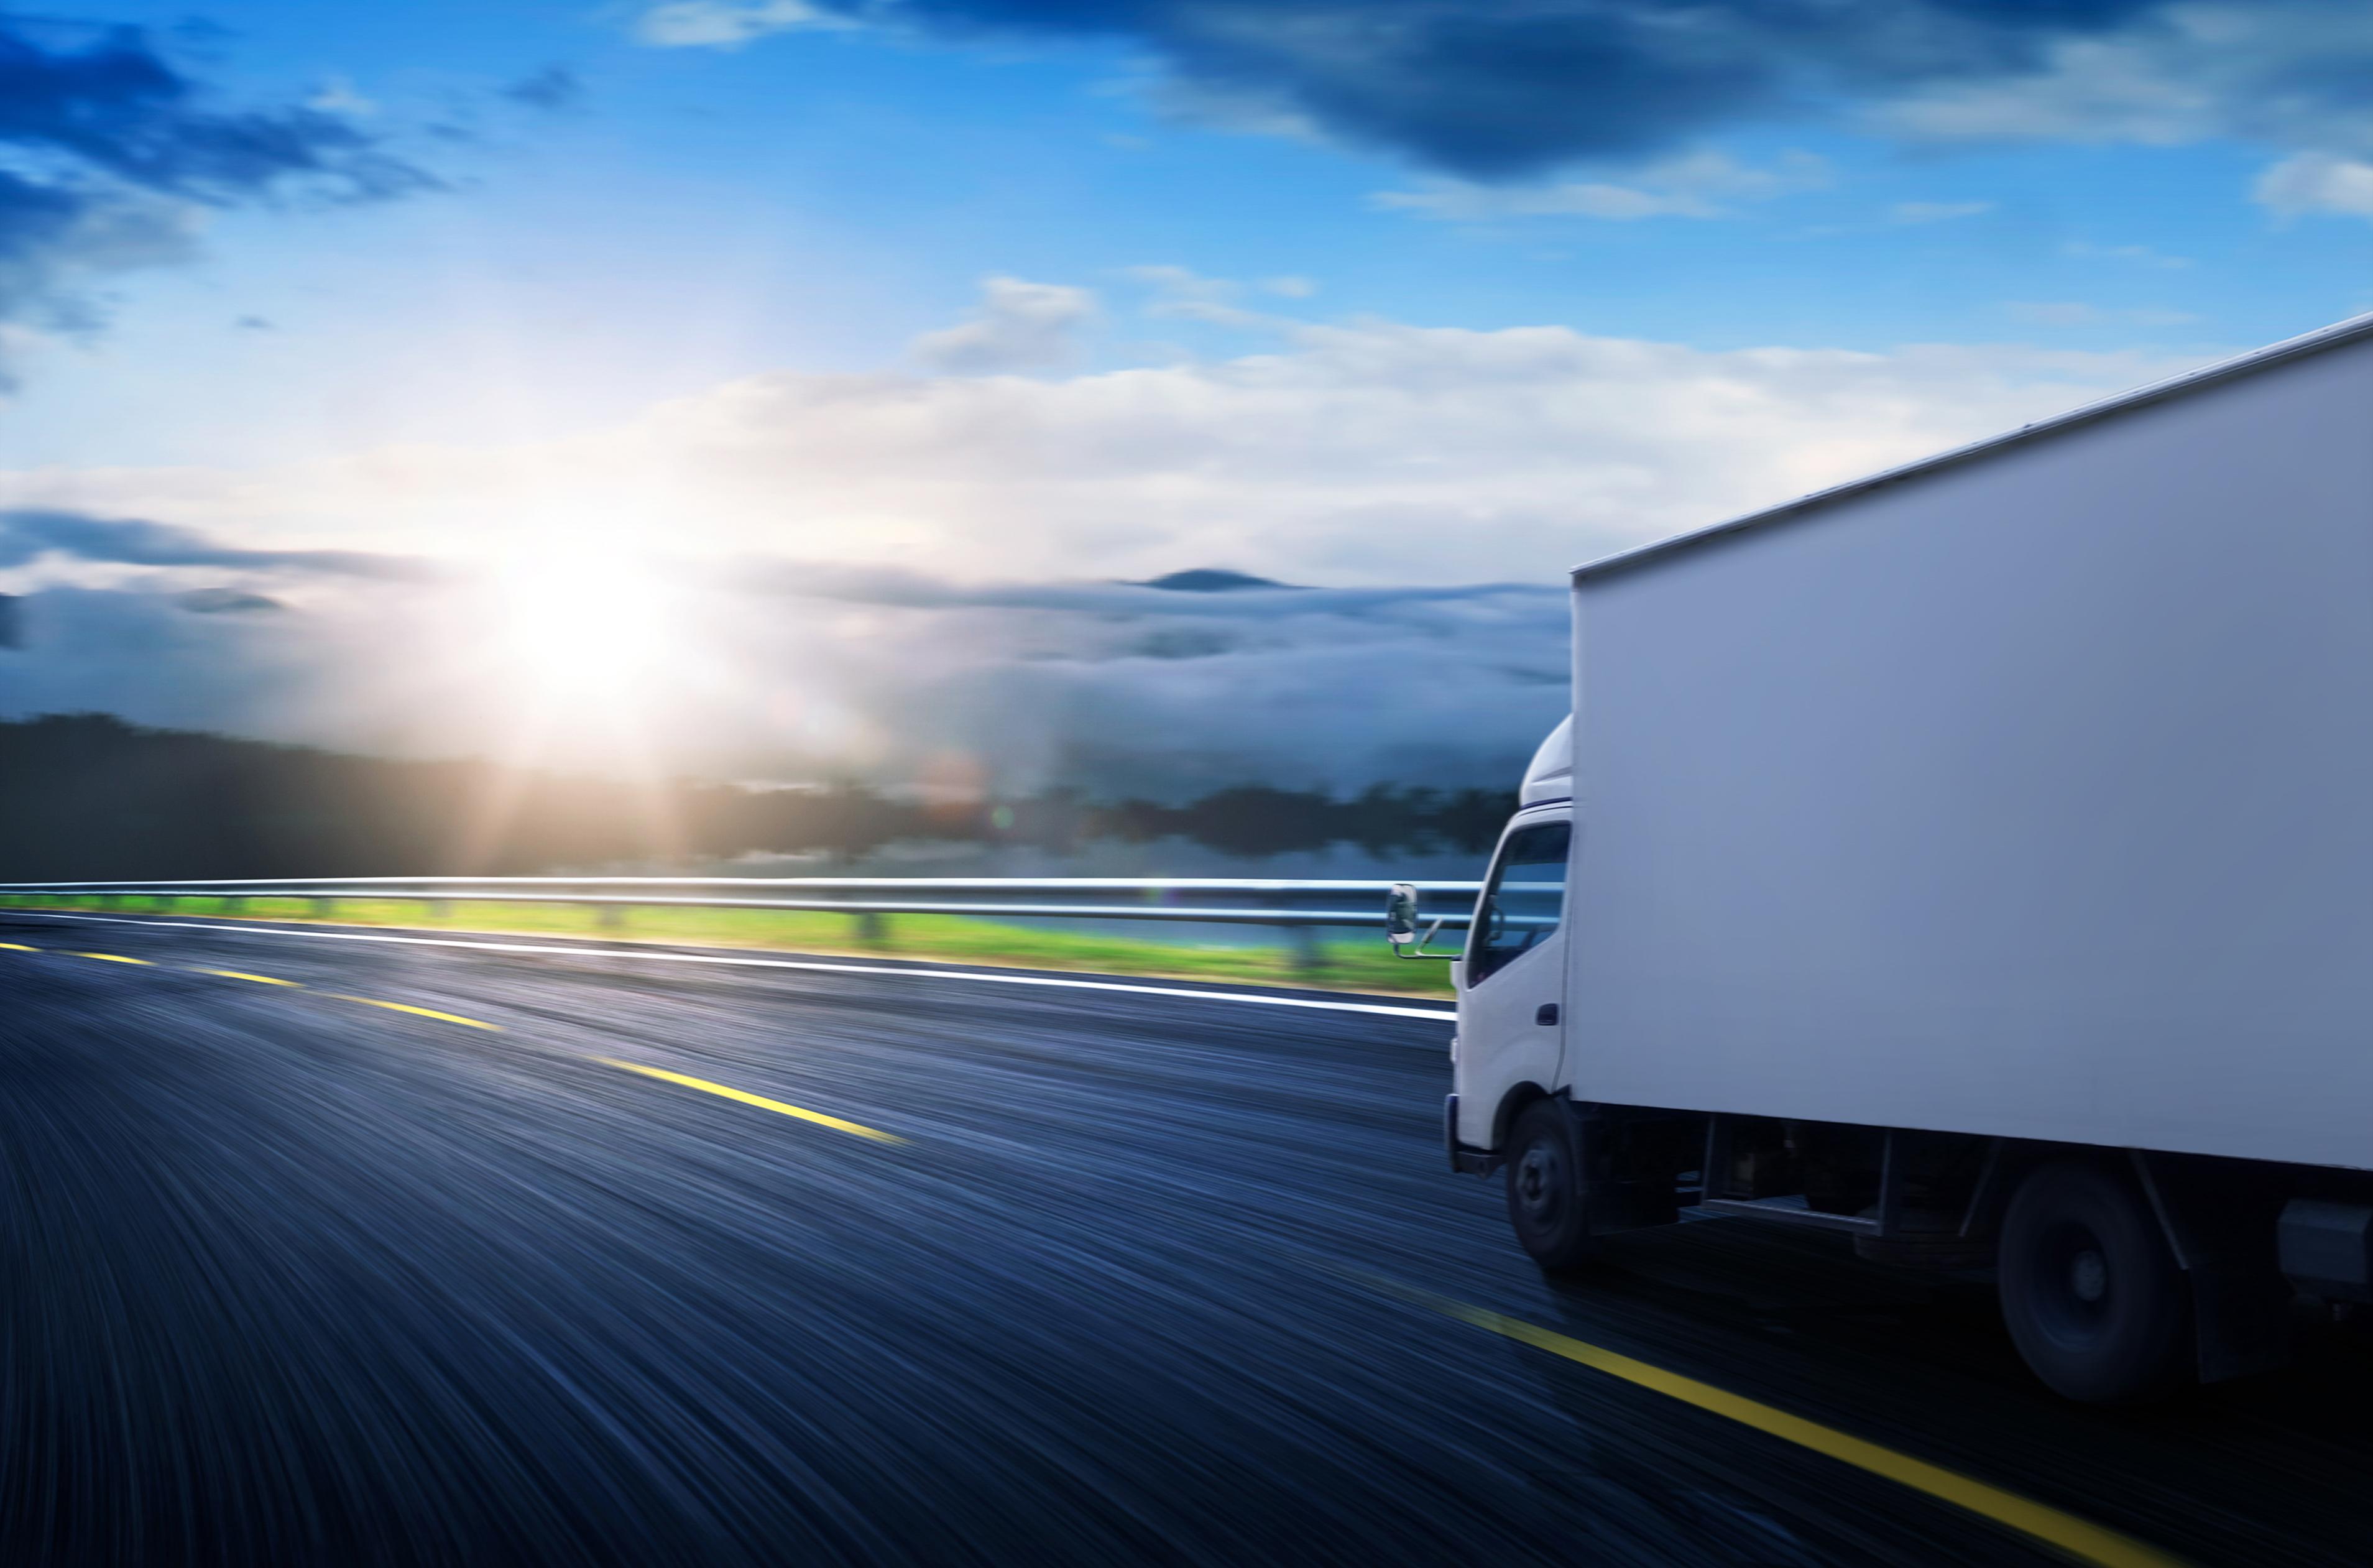 Przegląd samochodu dostawczego